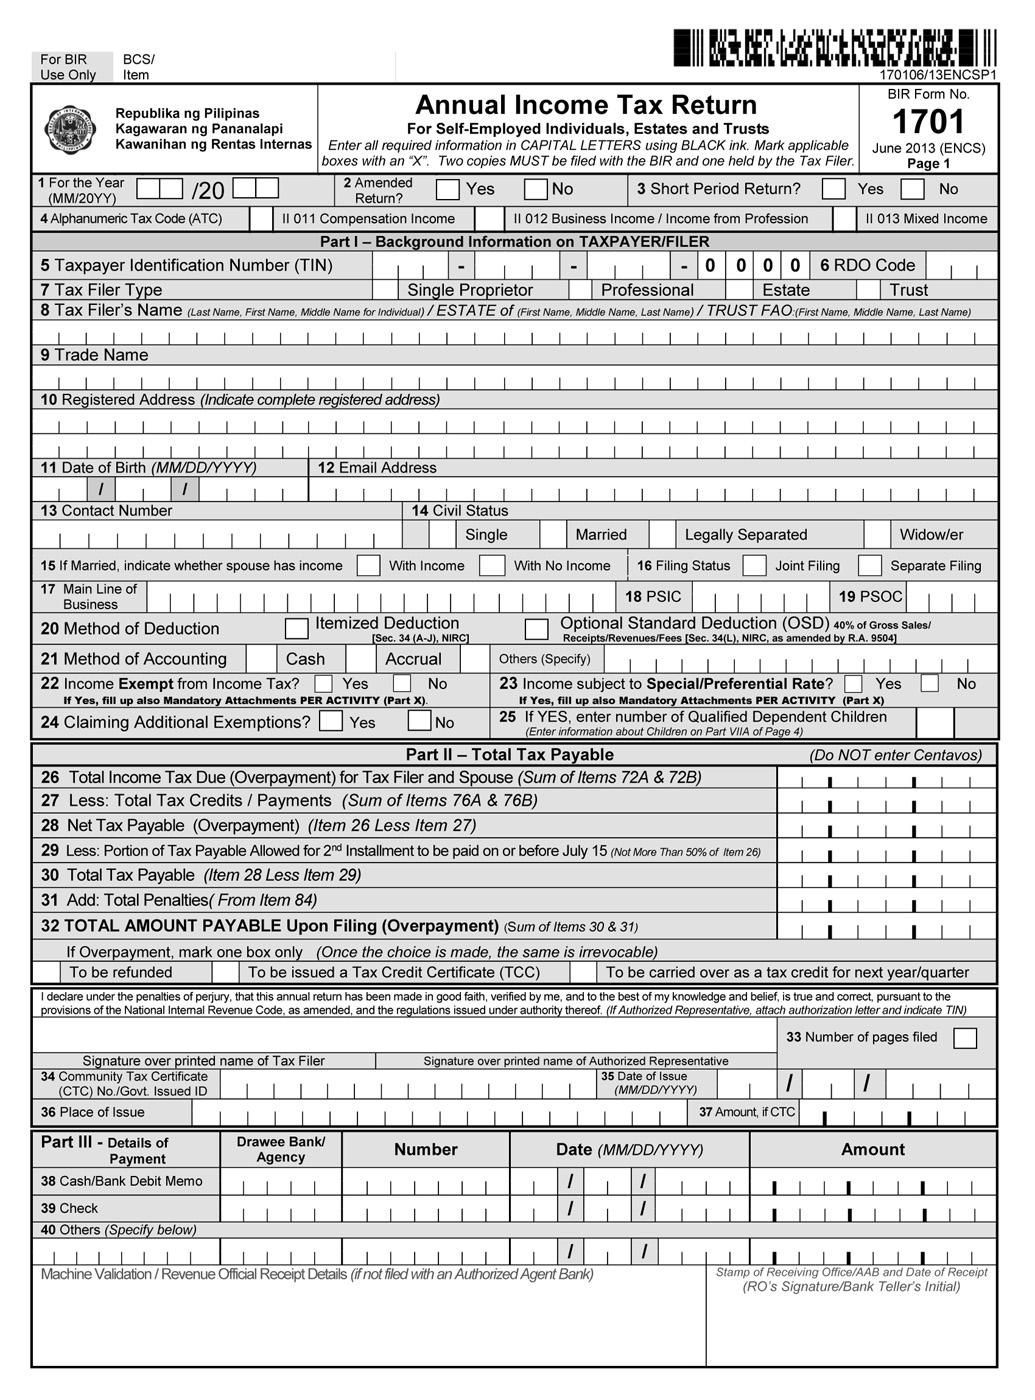 Bir form 2307